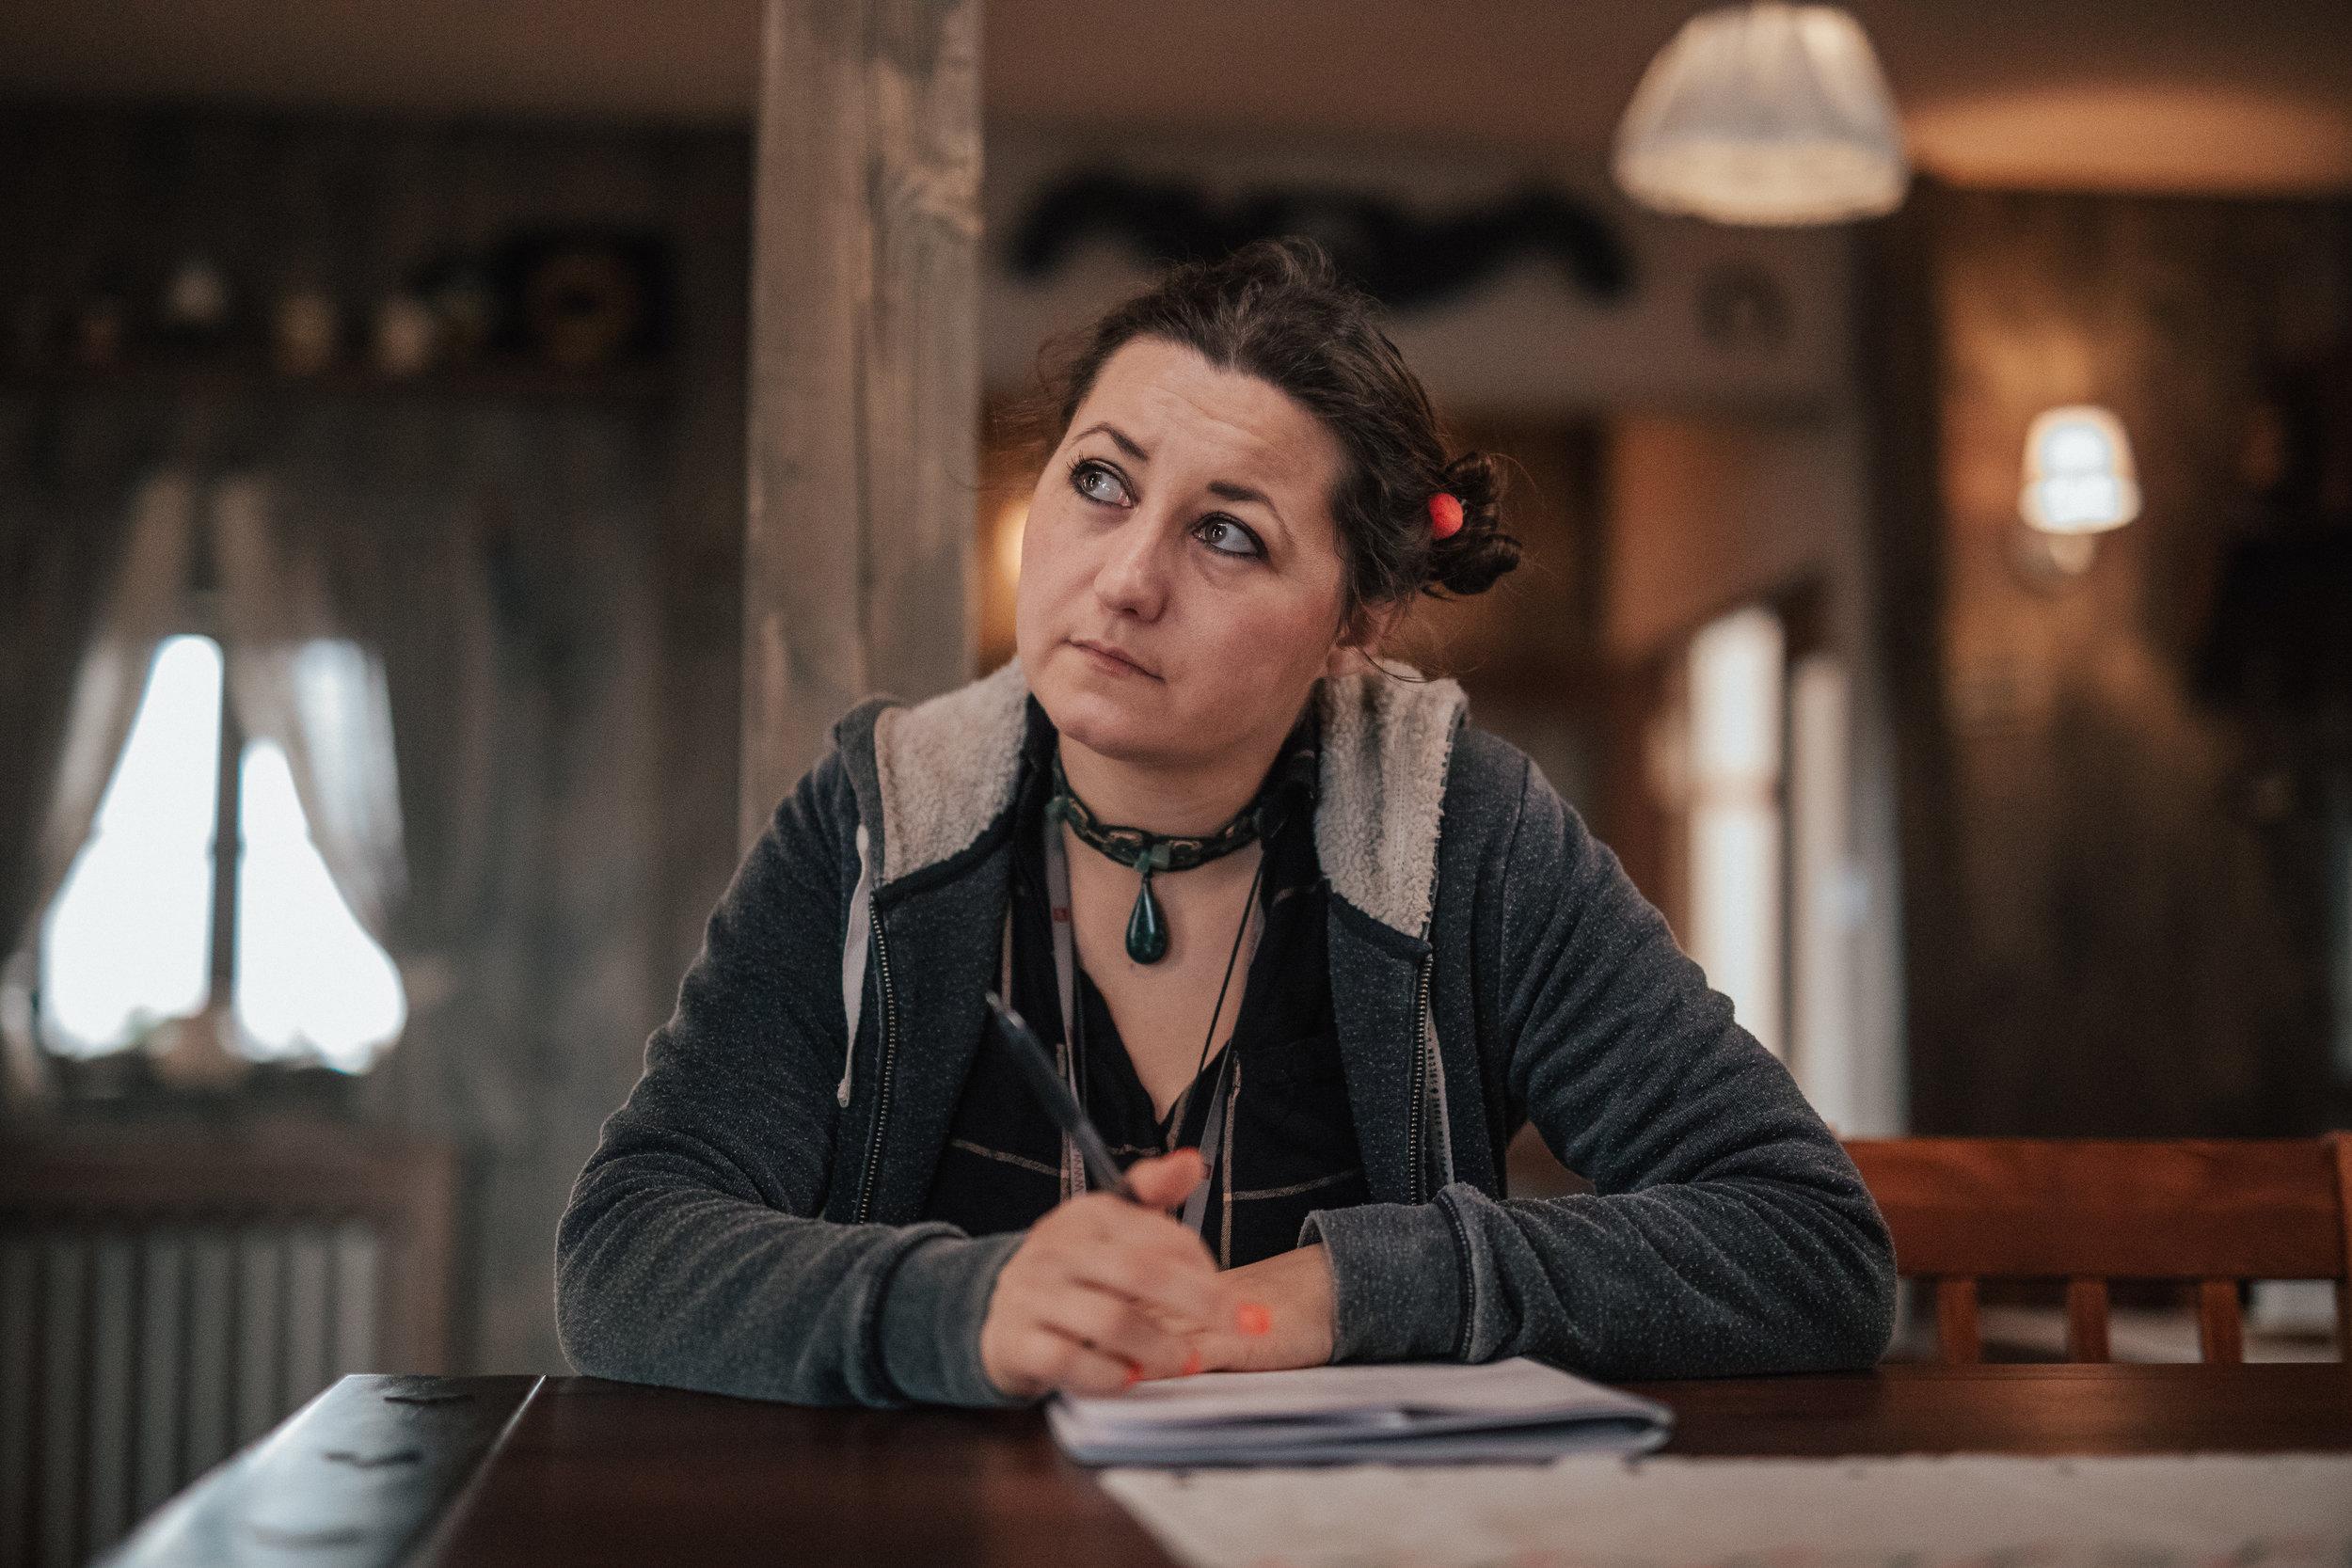 script supervisor Saska Jenic